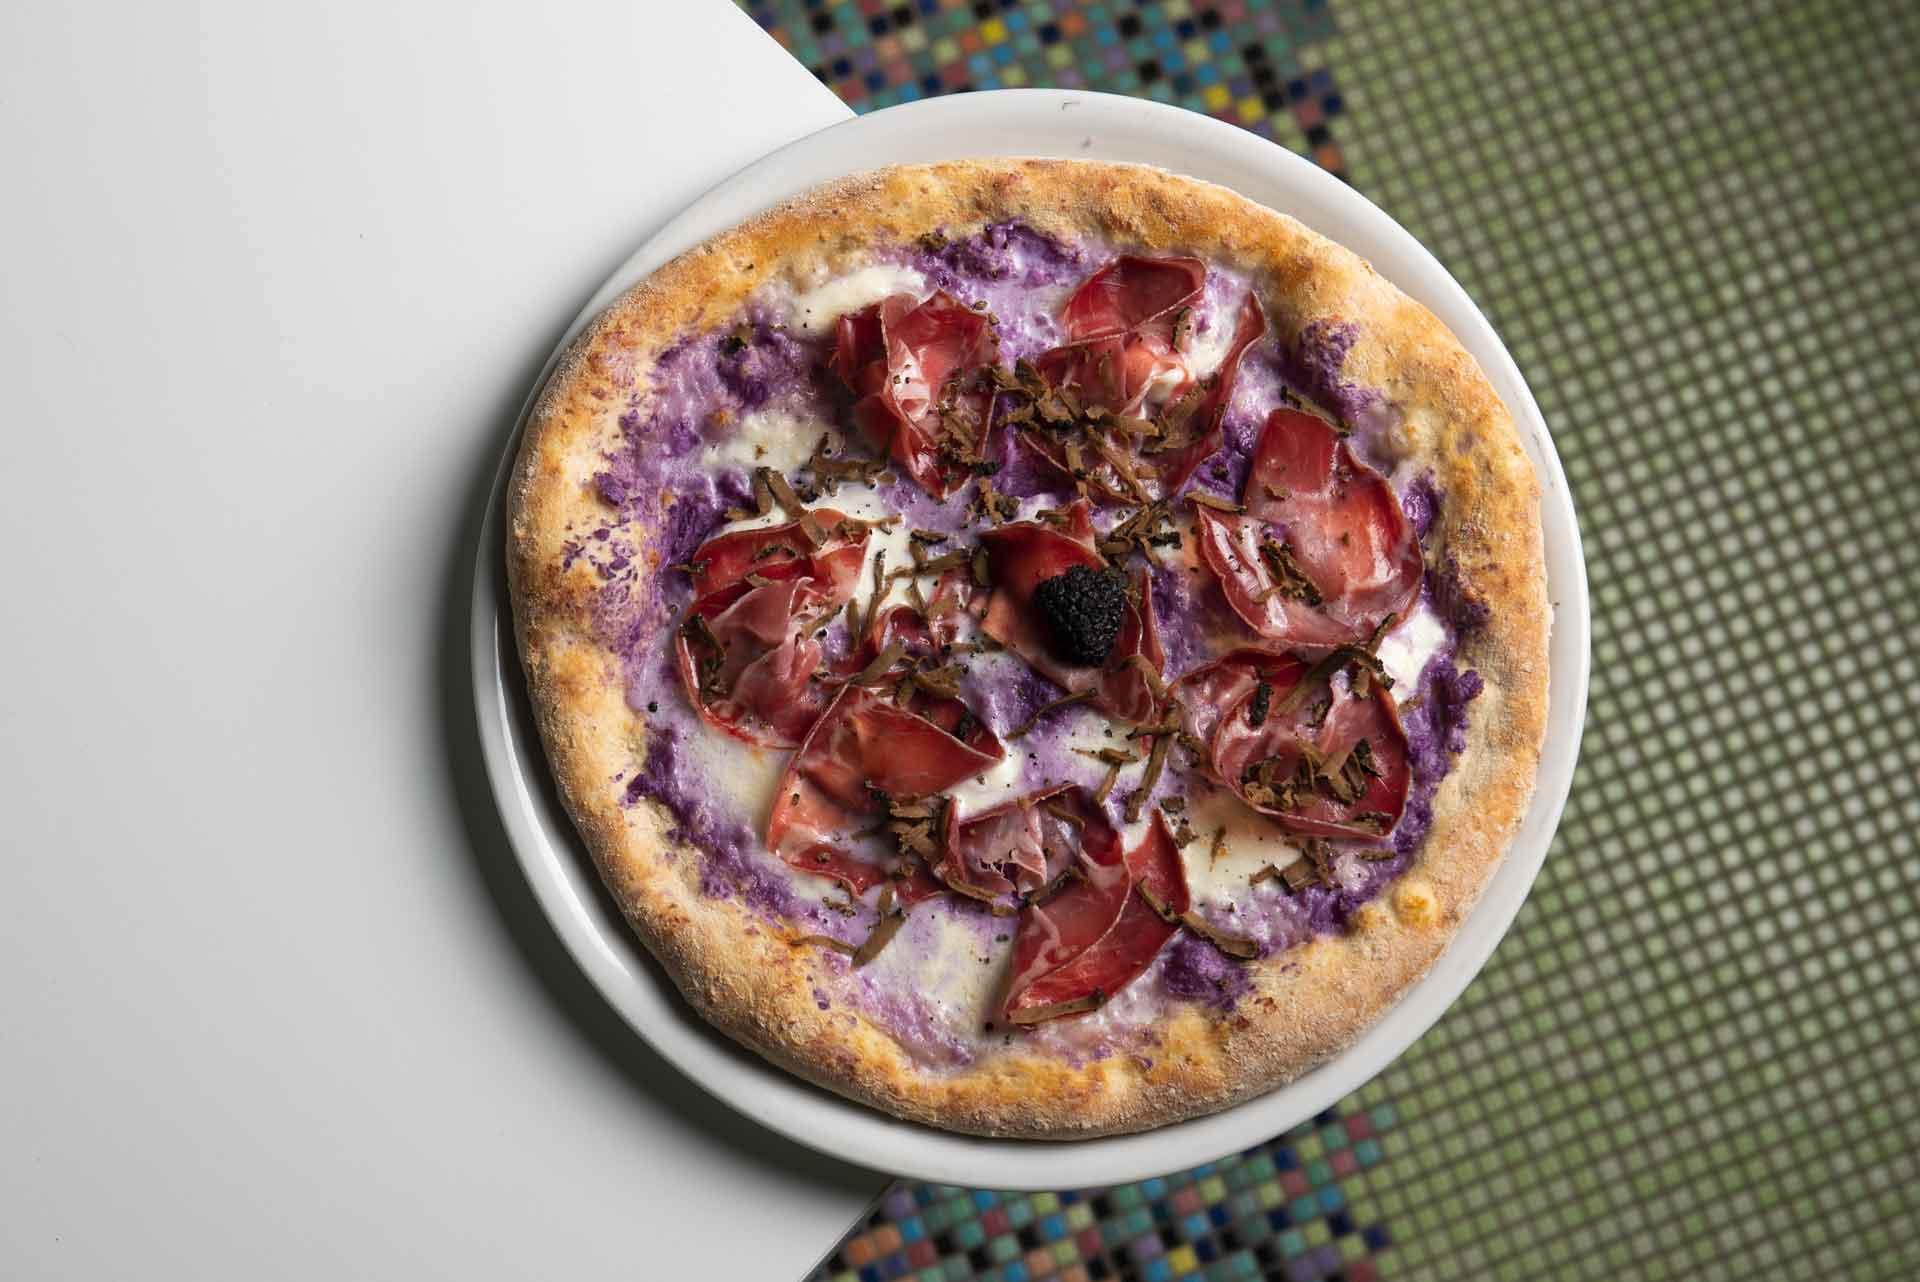 officina-visiva-ale-&-pepe-foto-pizzeria-pizza-amarcord-5